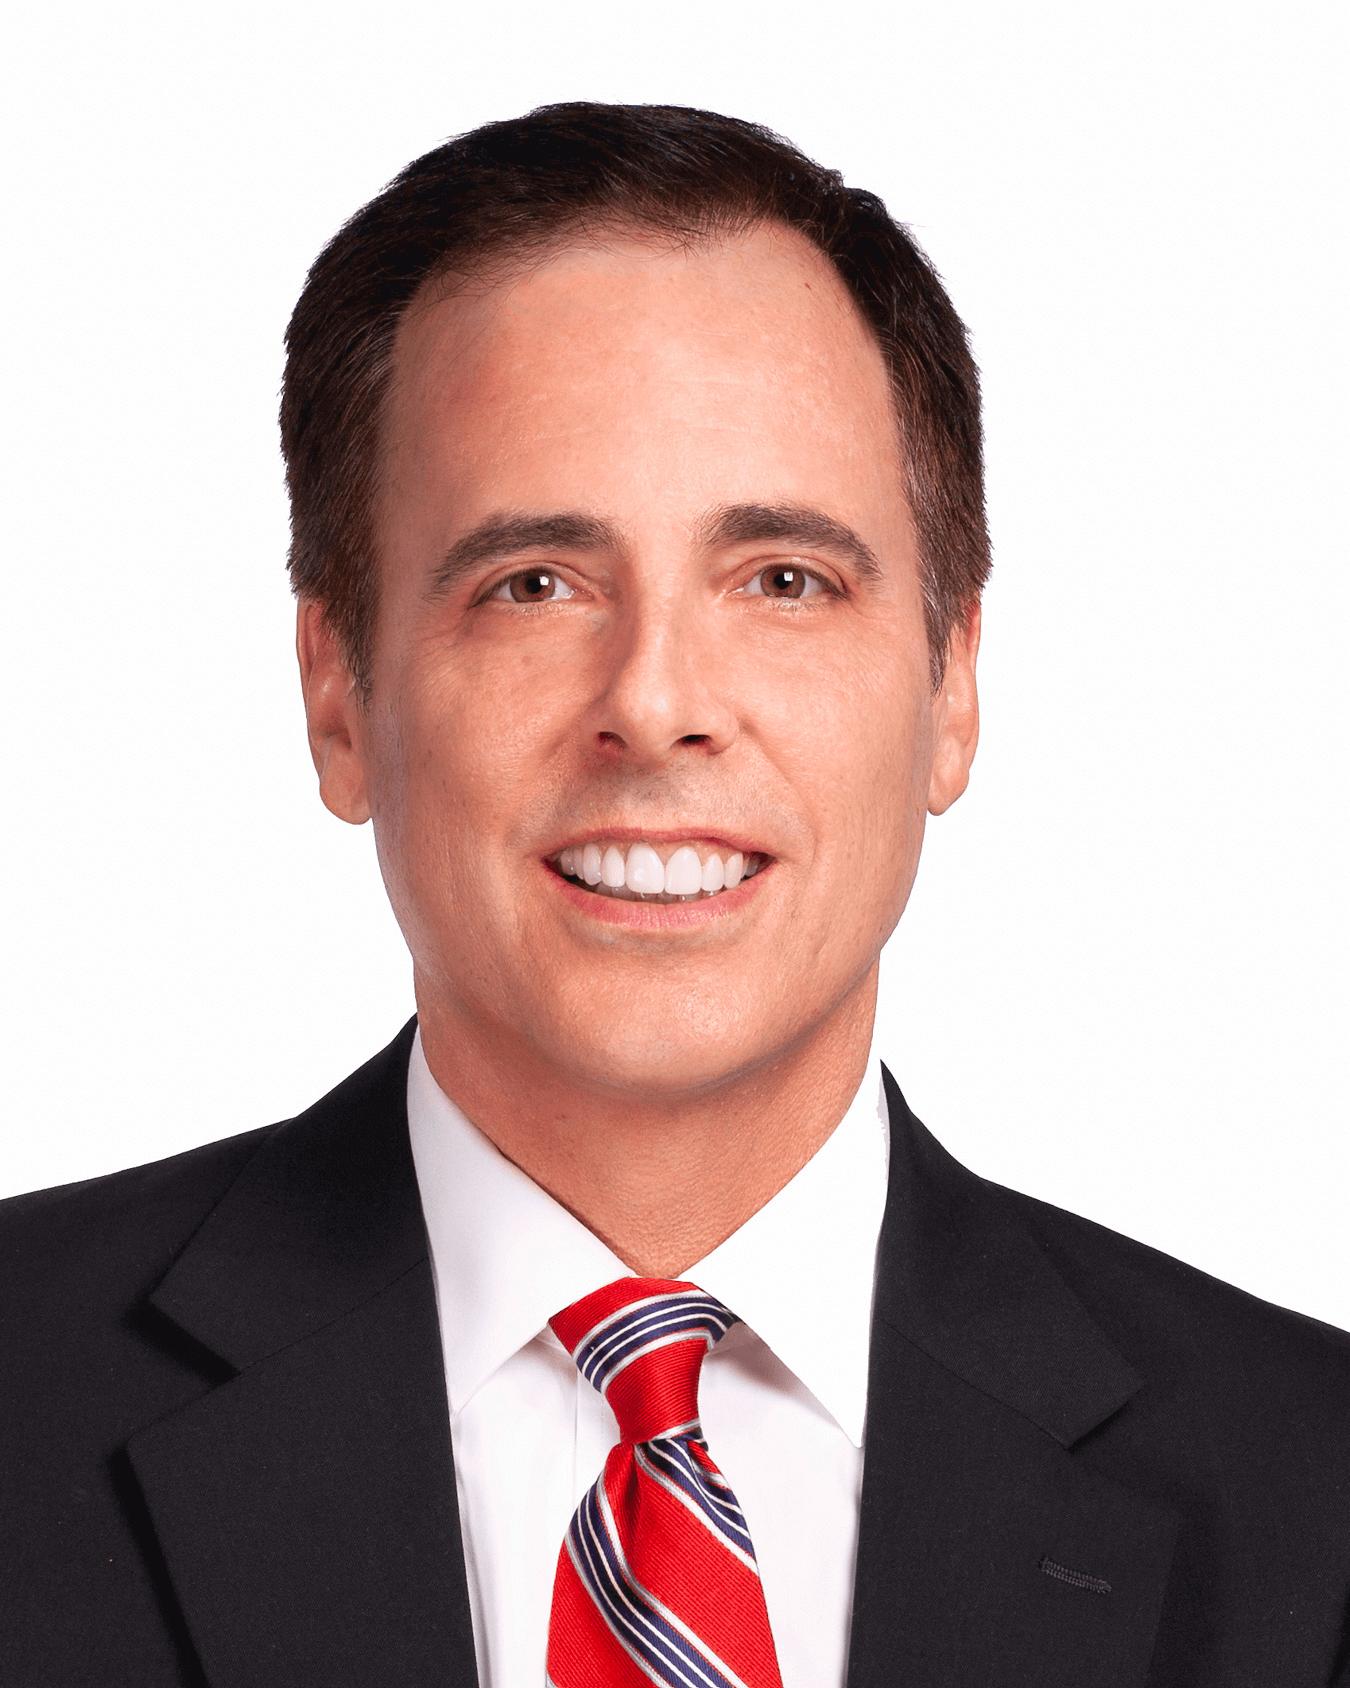 Attorney Evan Kline